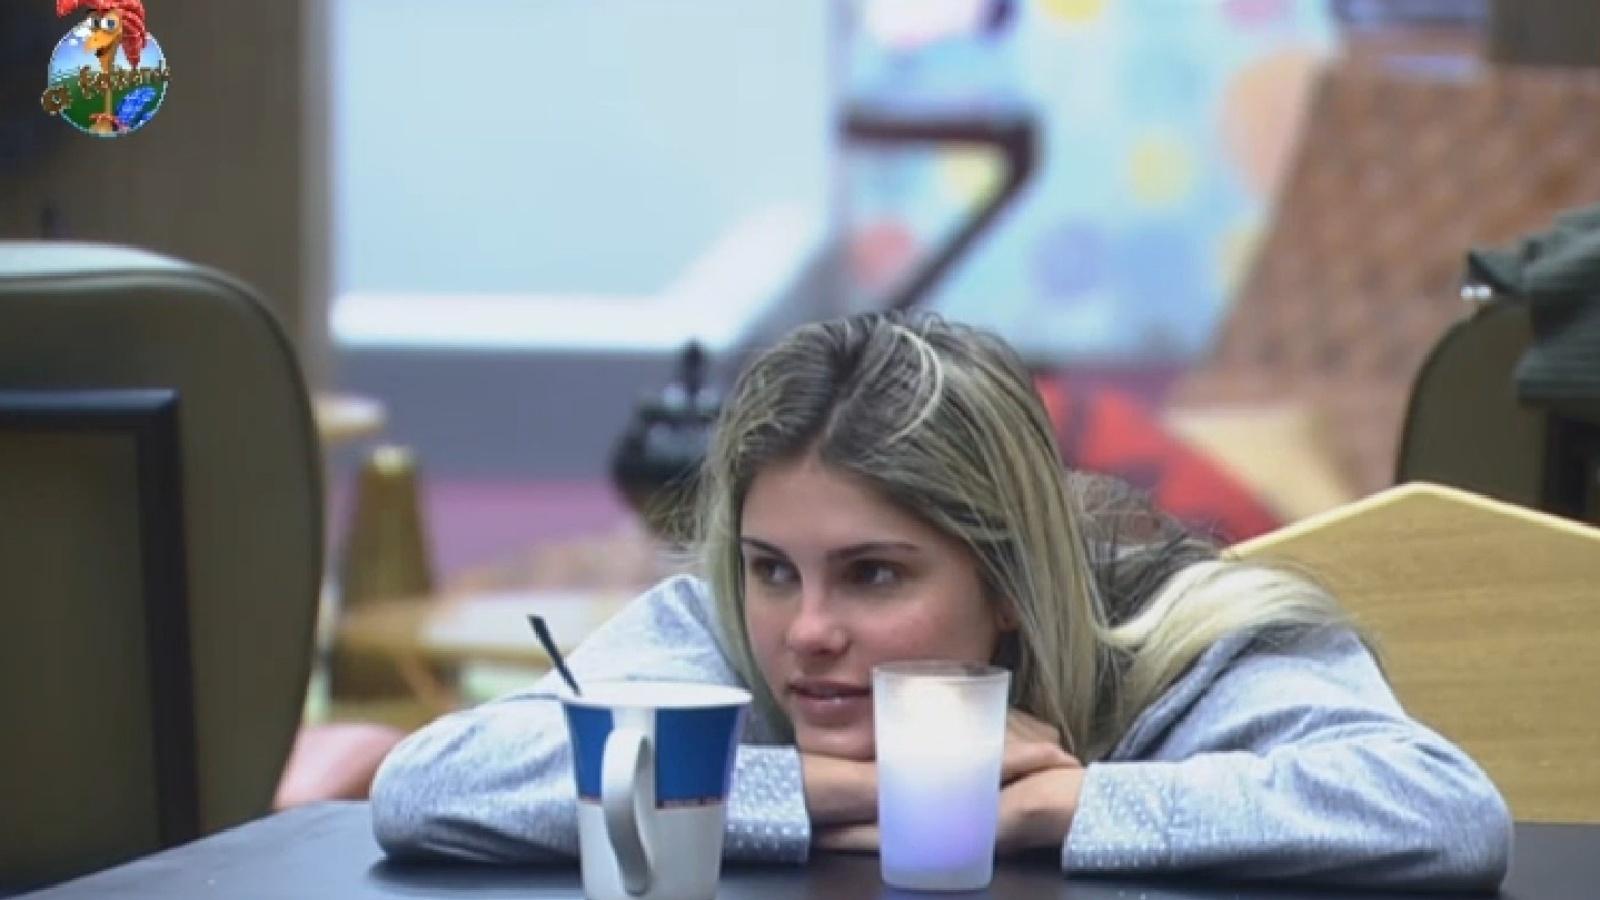 1º.ago.2013 - Bárbara Evans ri ao ouvir Mateus contar sonho da noite passada